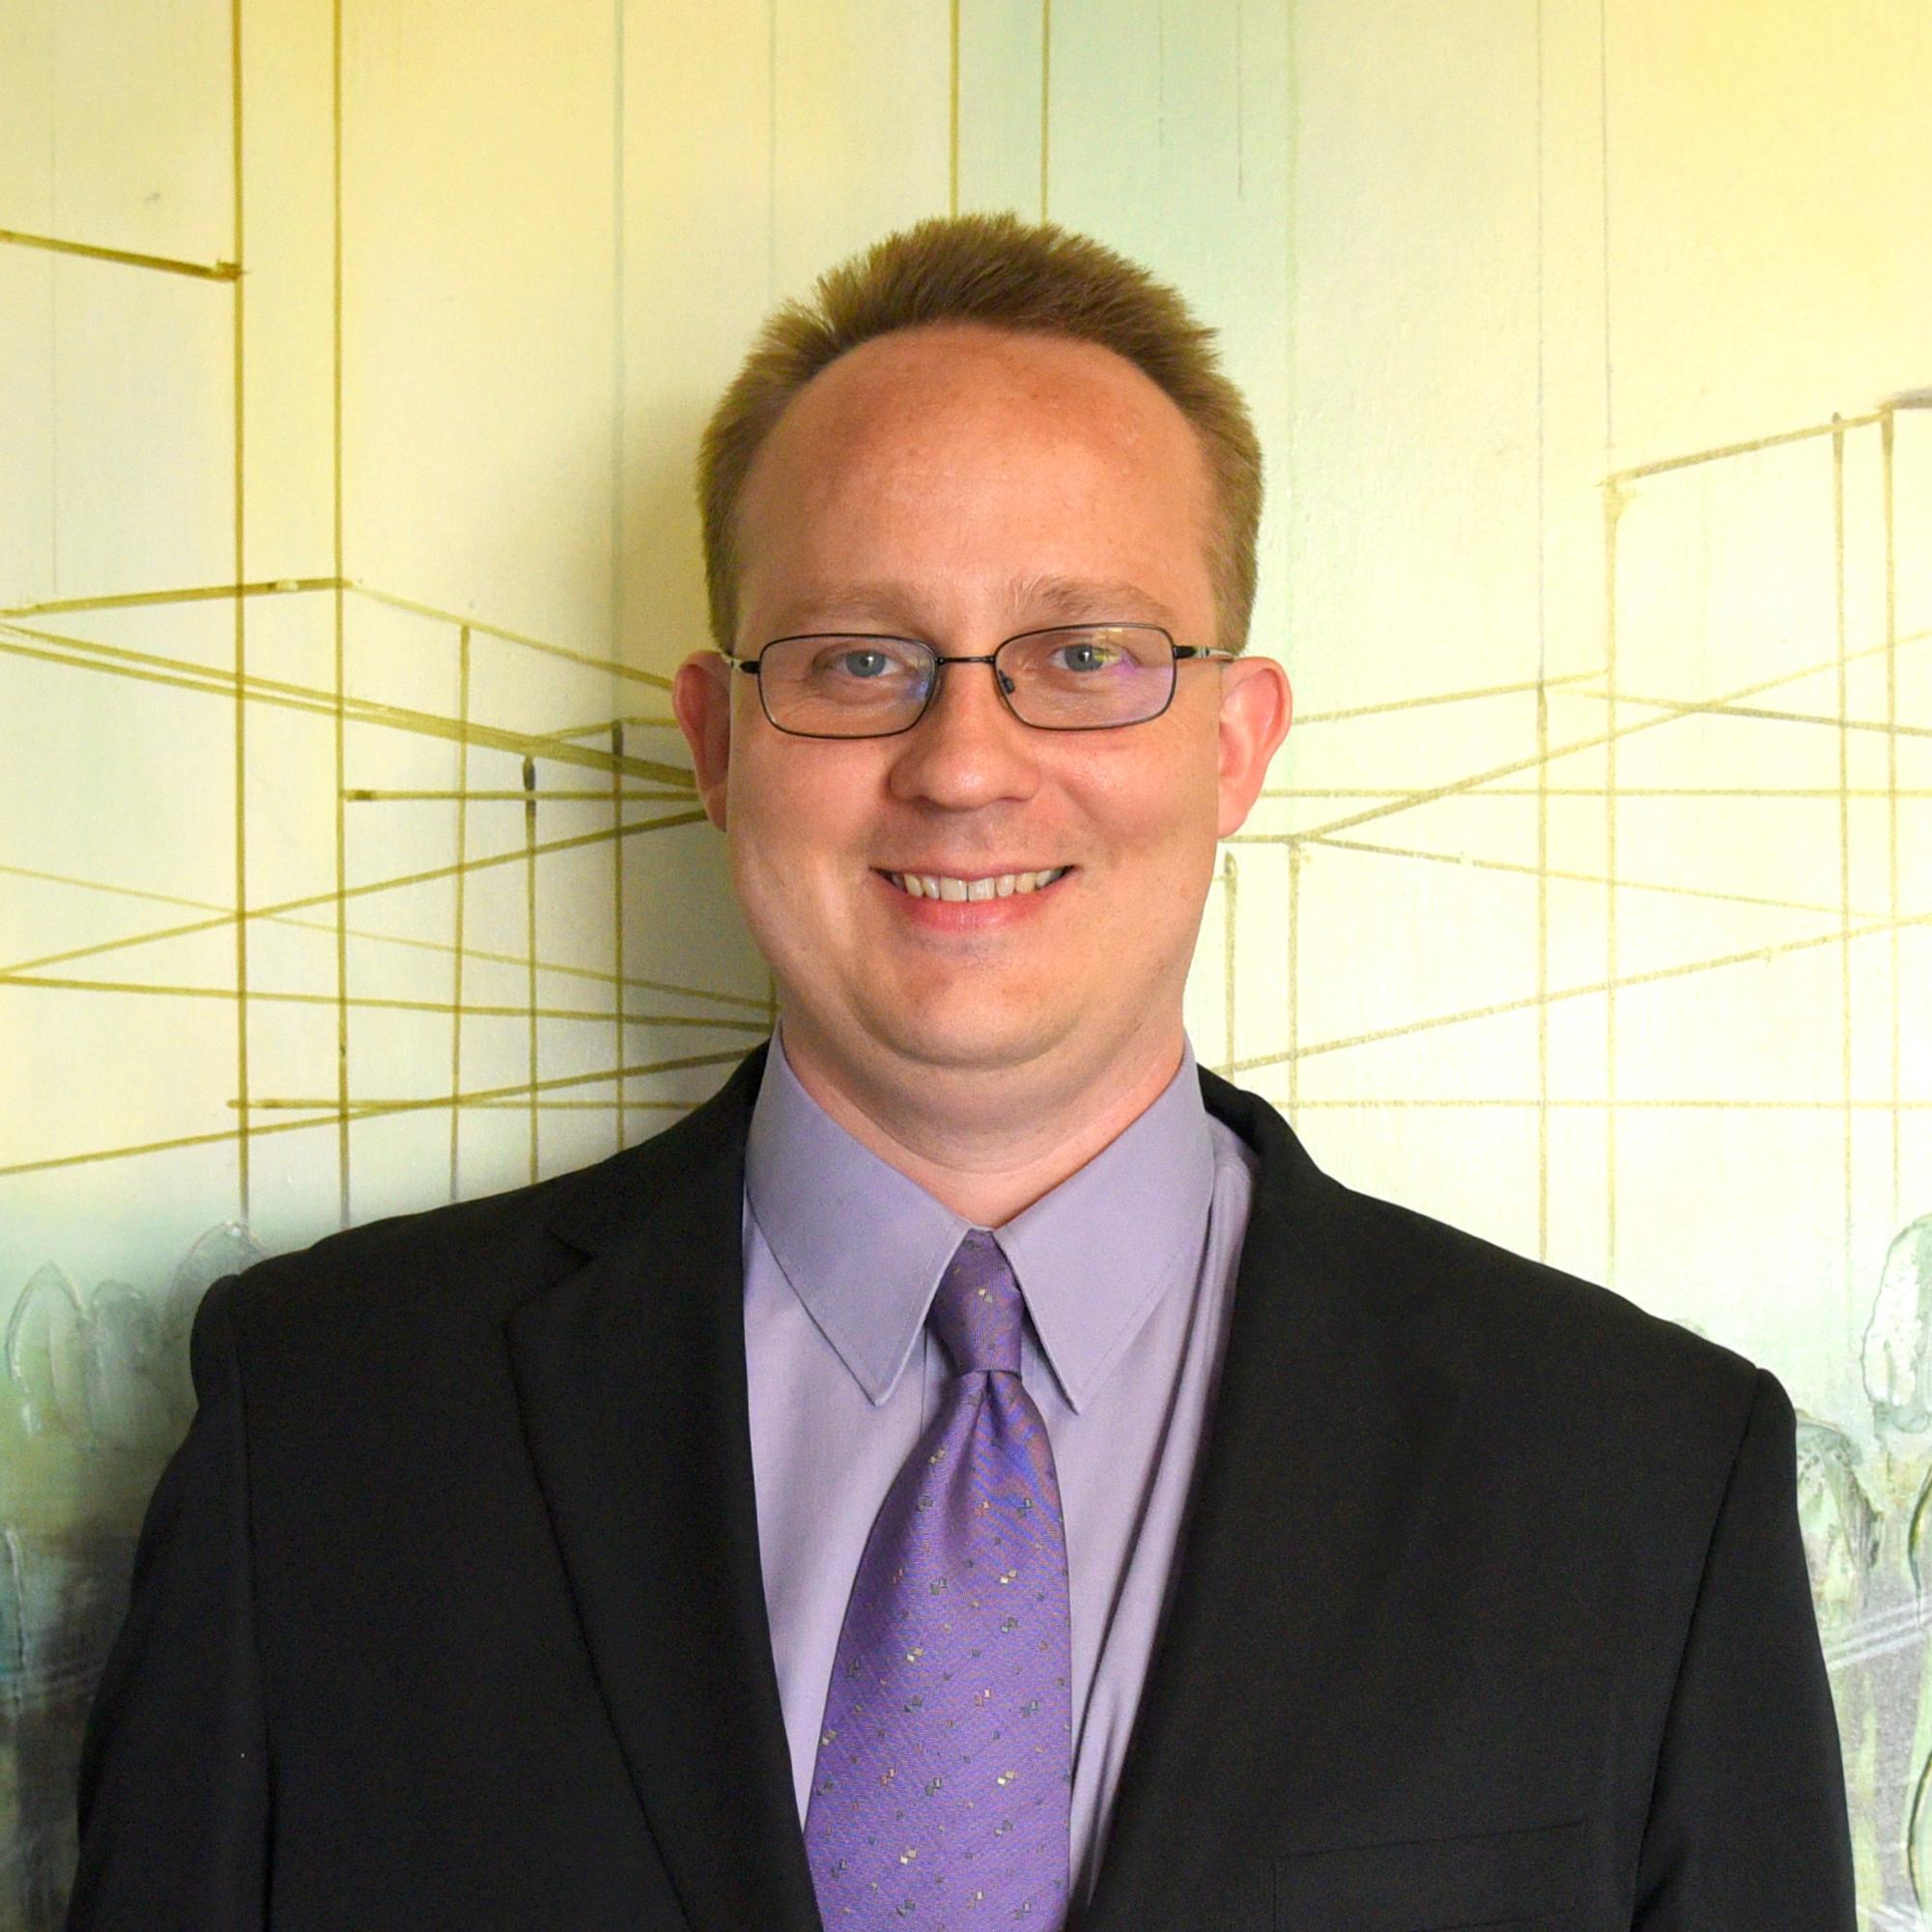 Aaron Linton